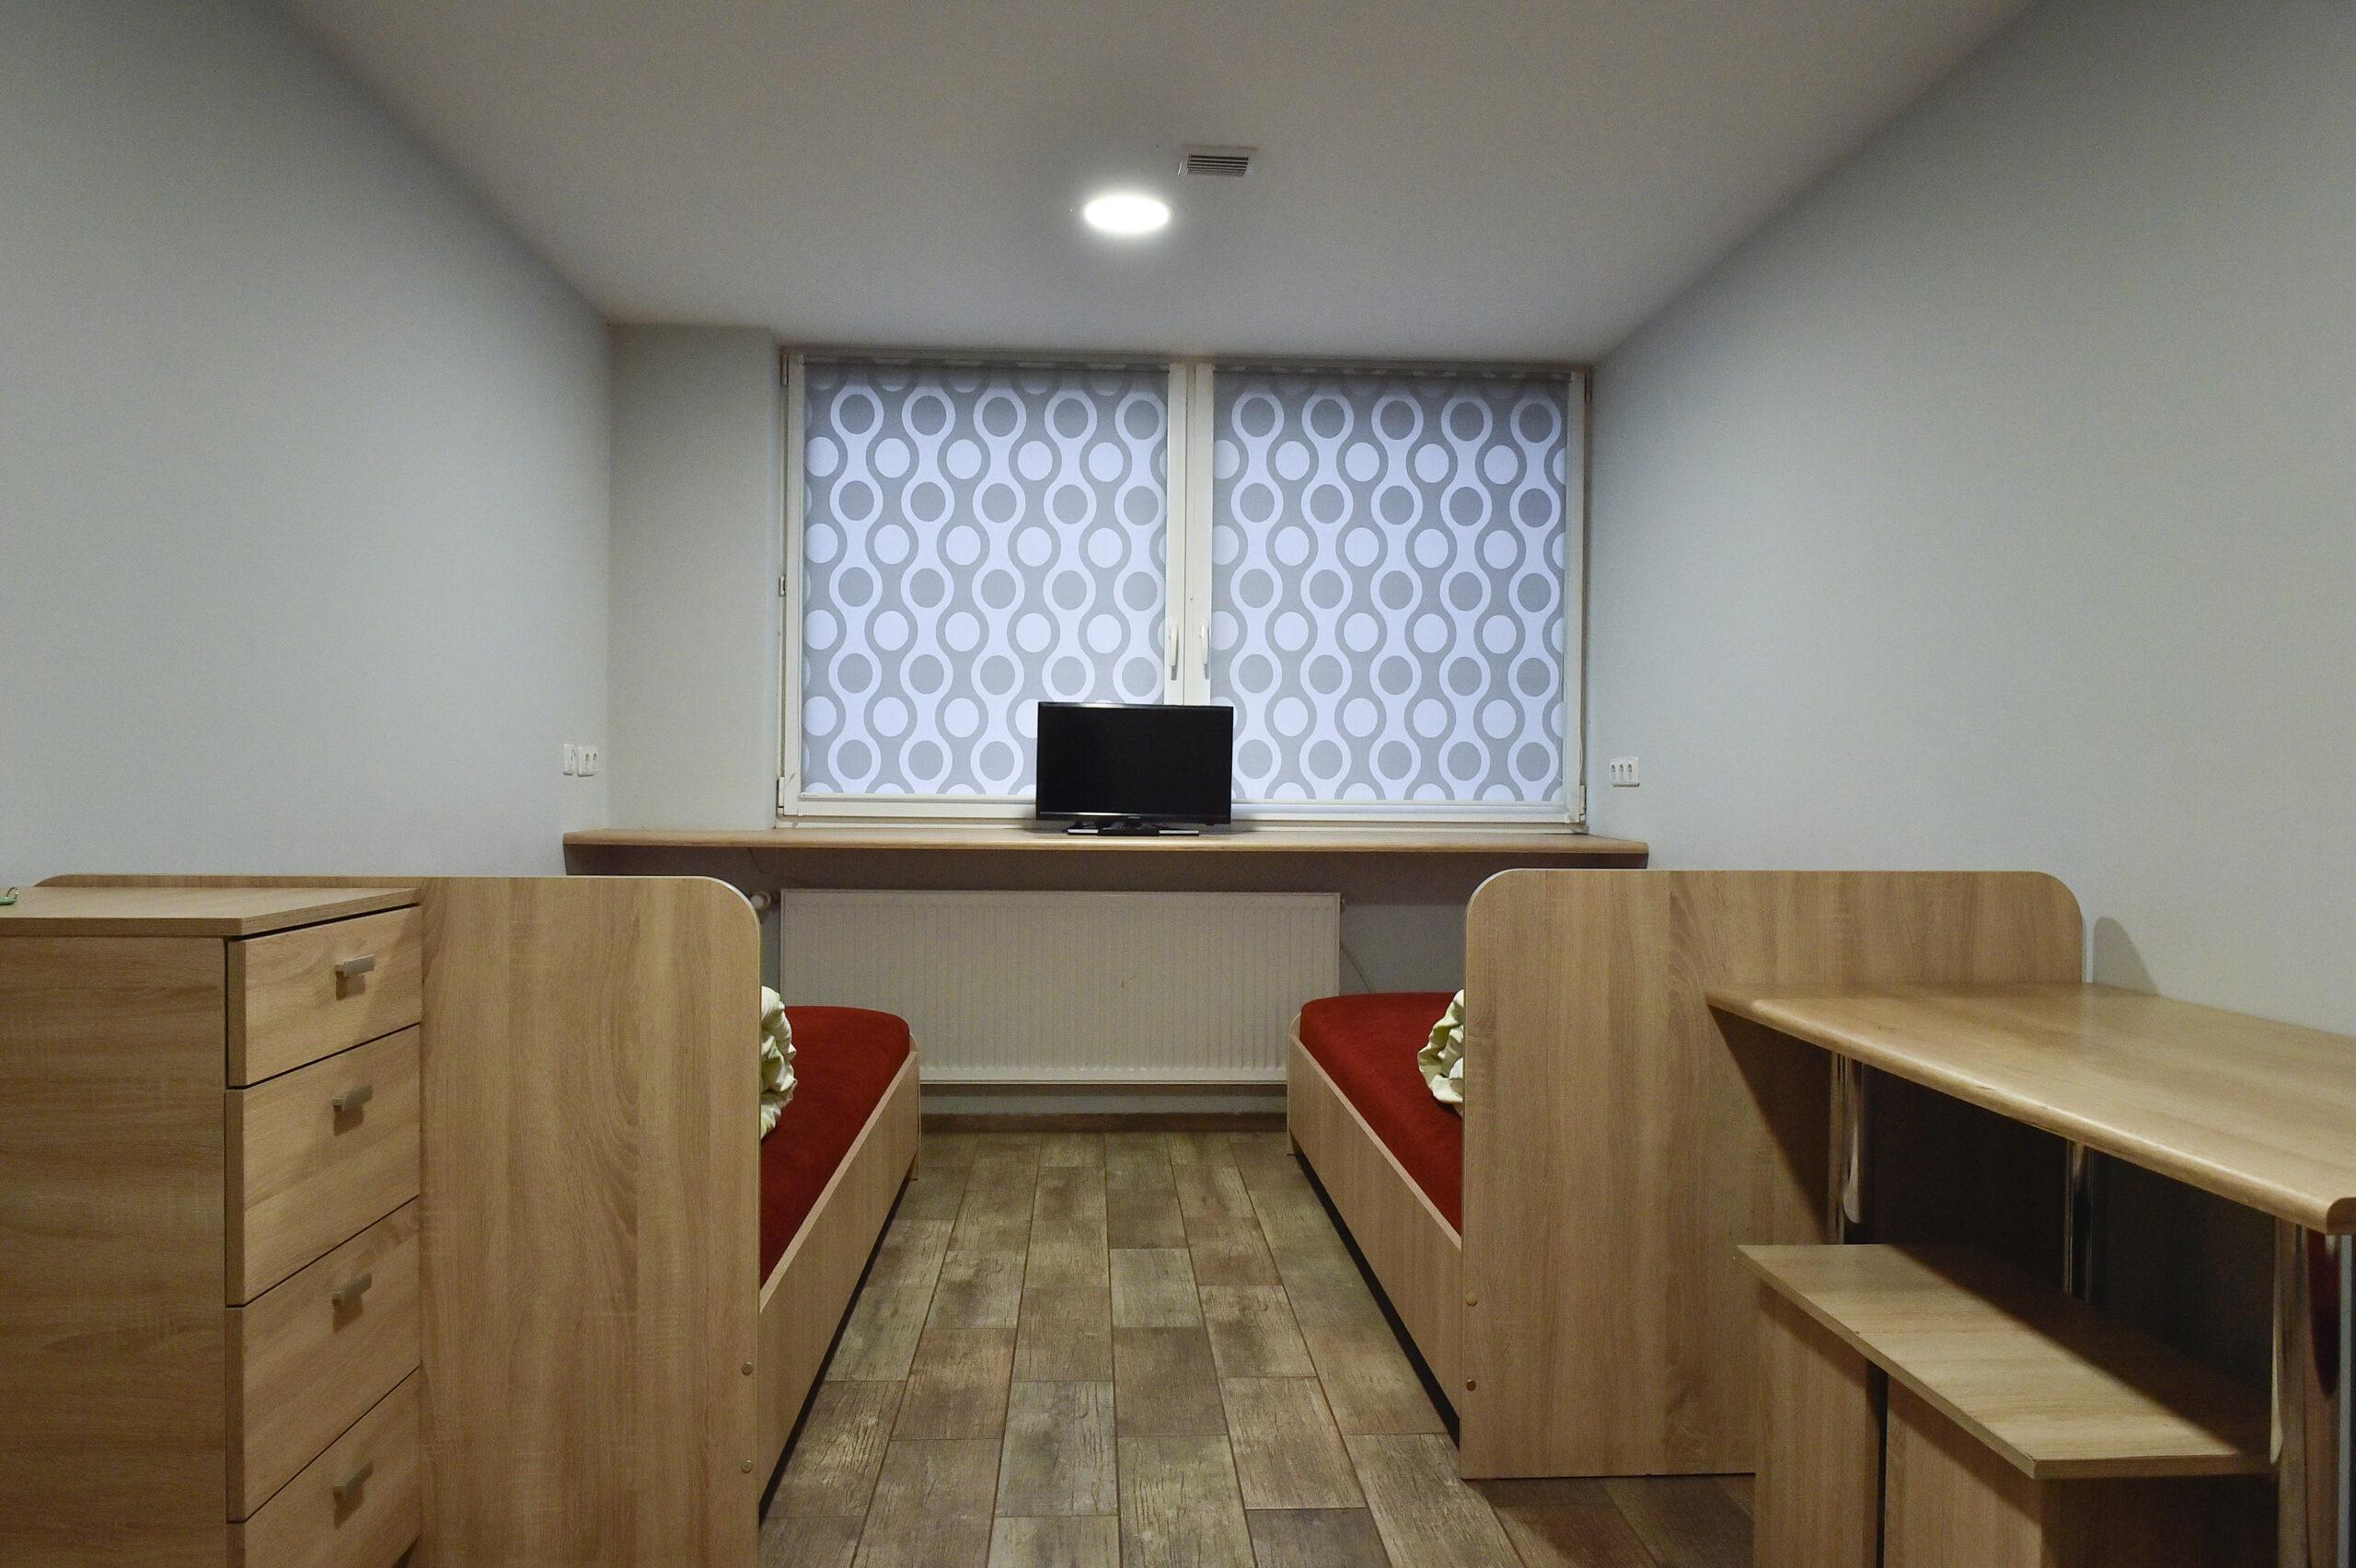 Dvivietis kambarys sublokuotas